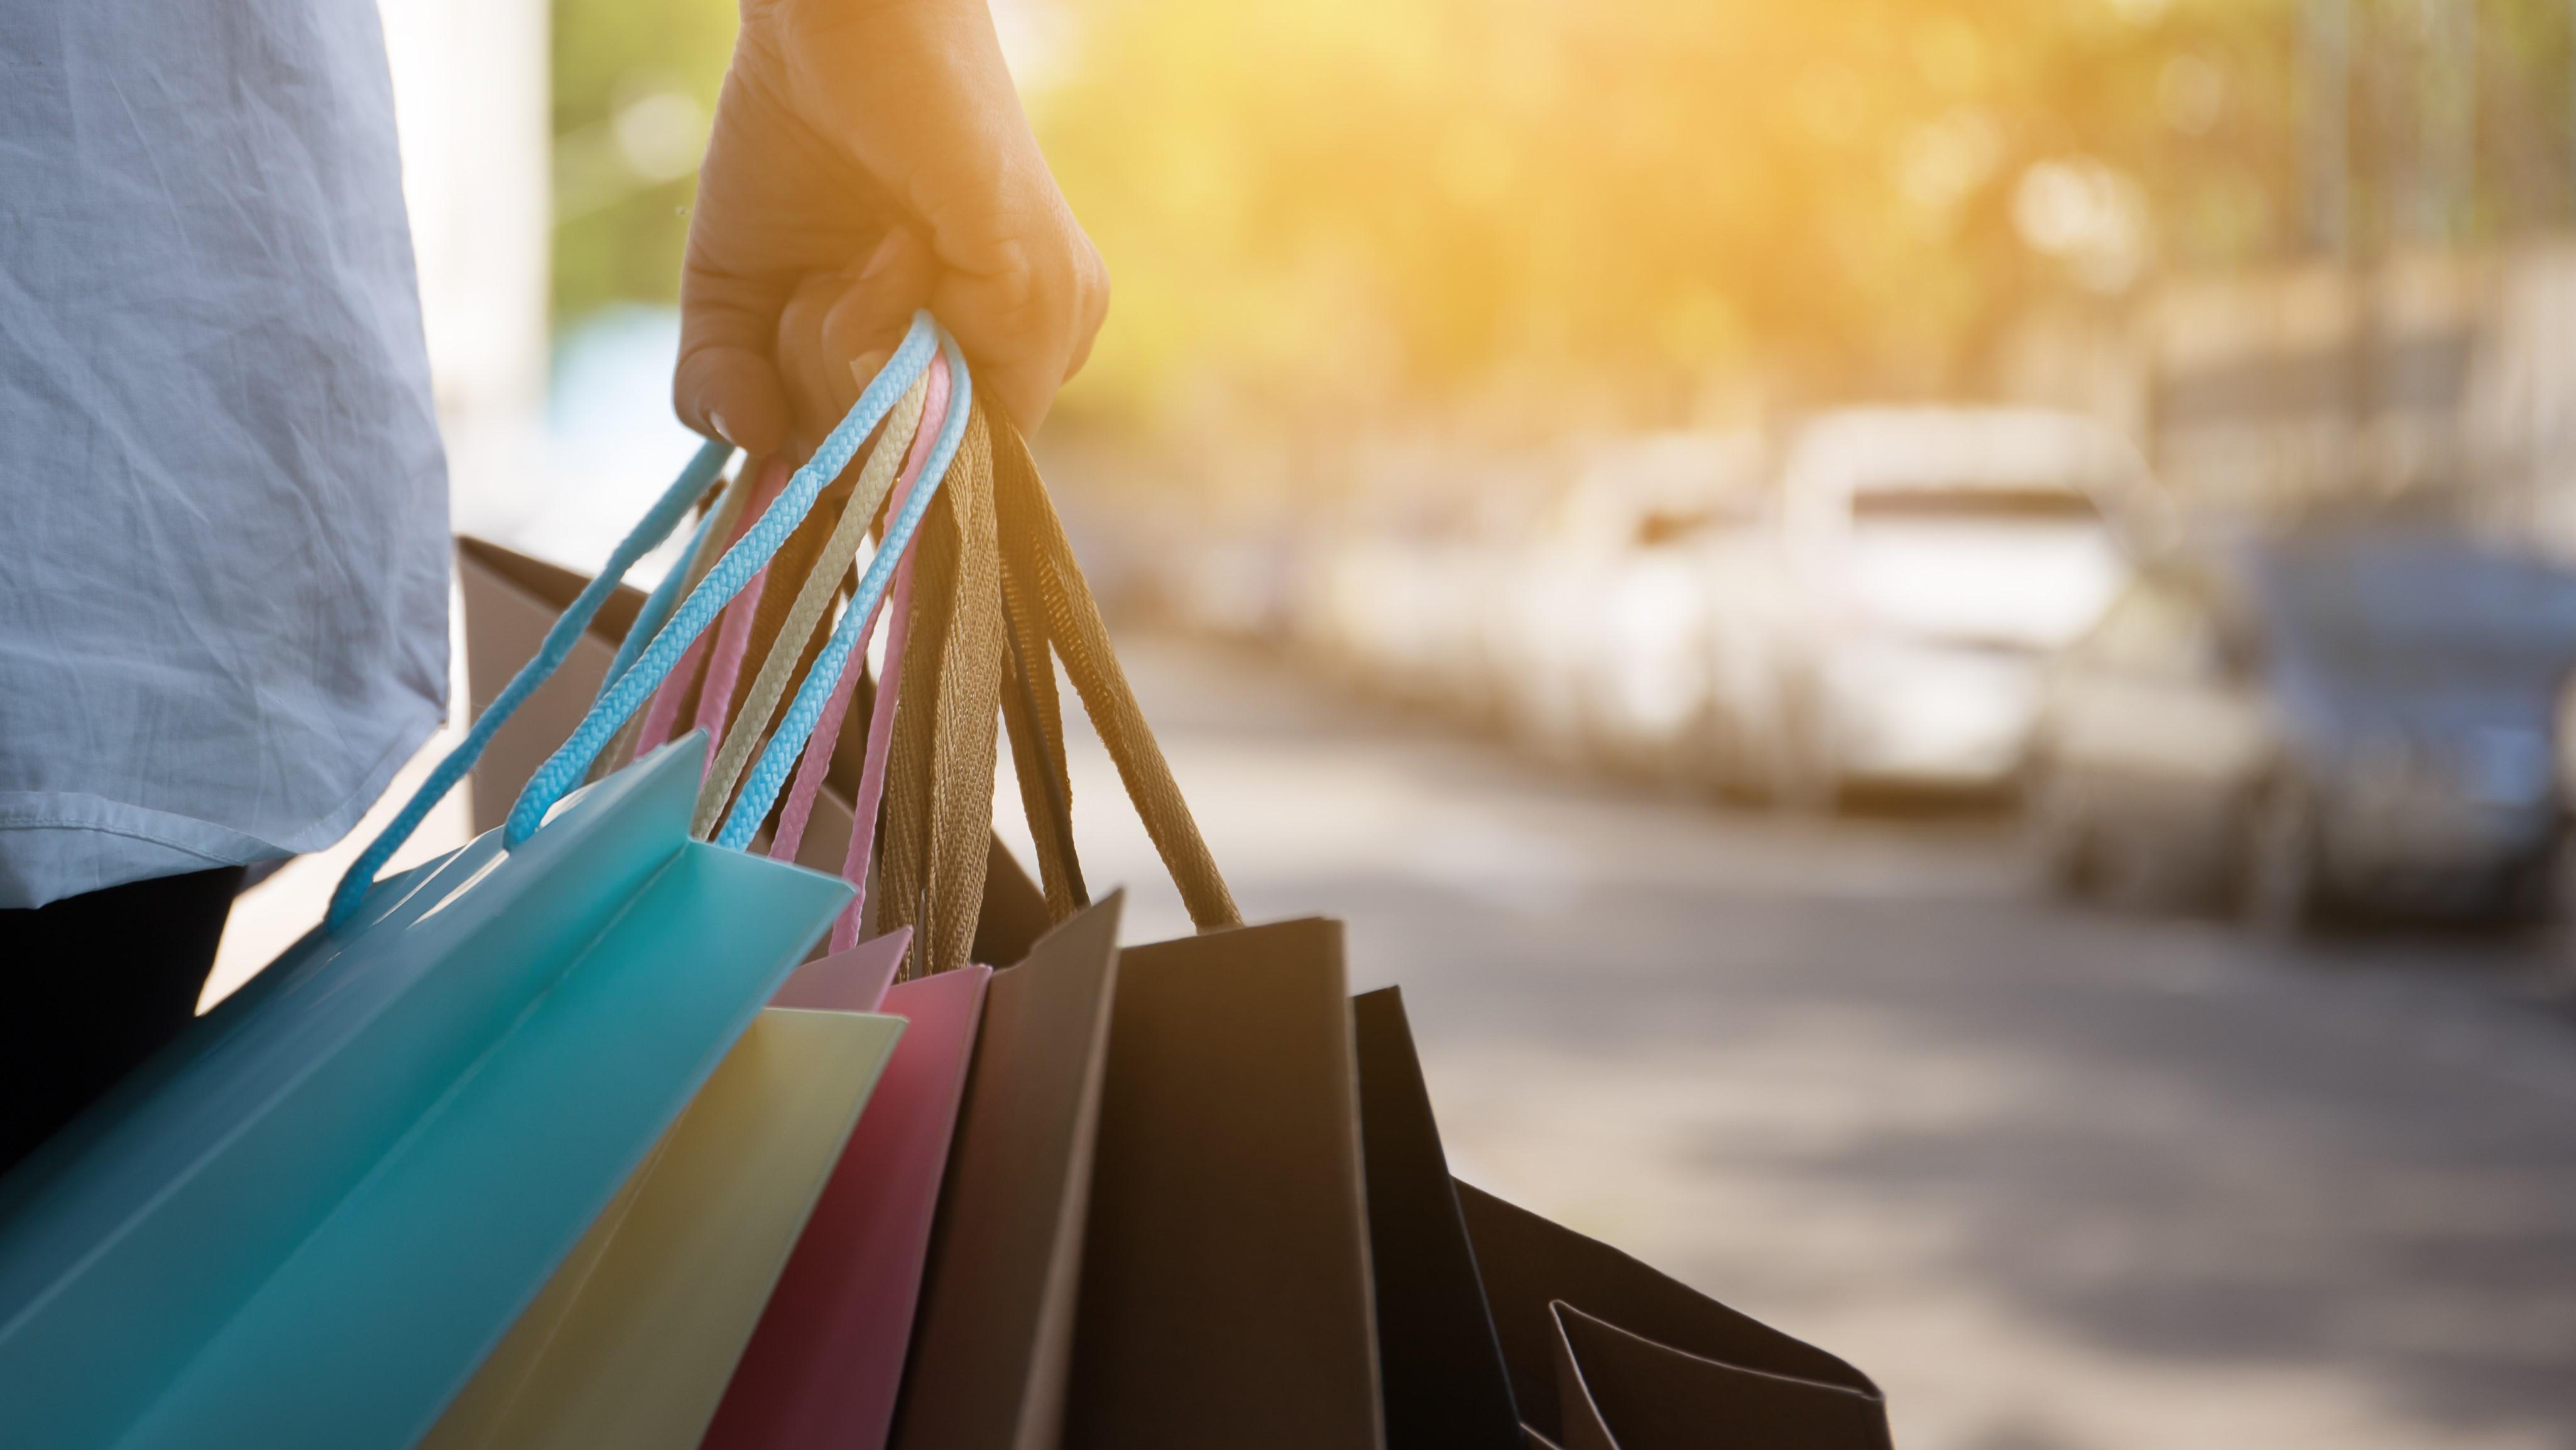 Les 7 fondamentaux de la qualité de service en point de vente